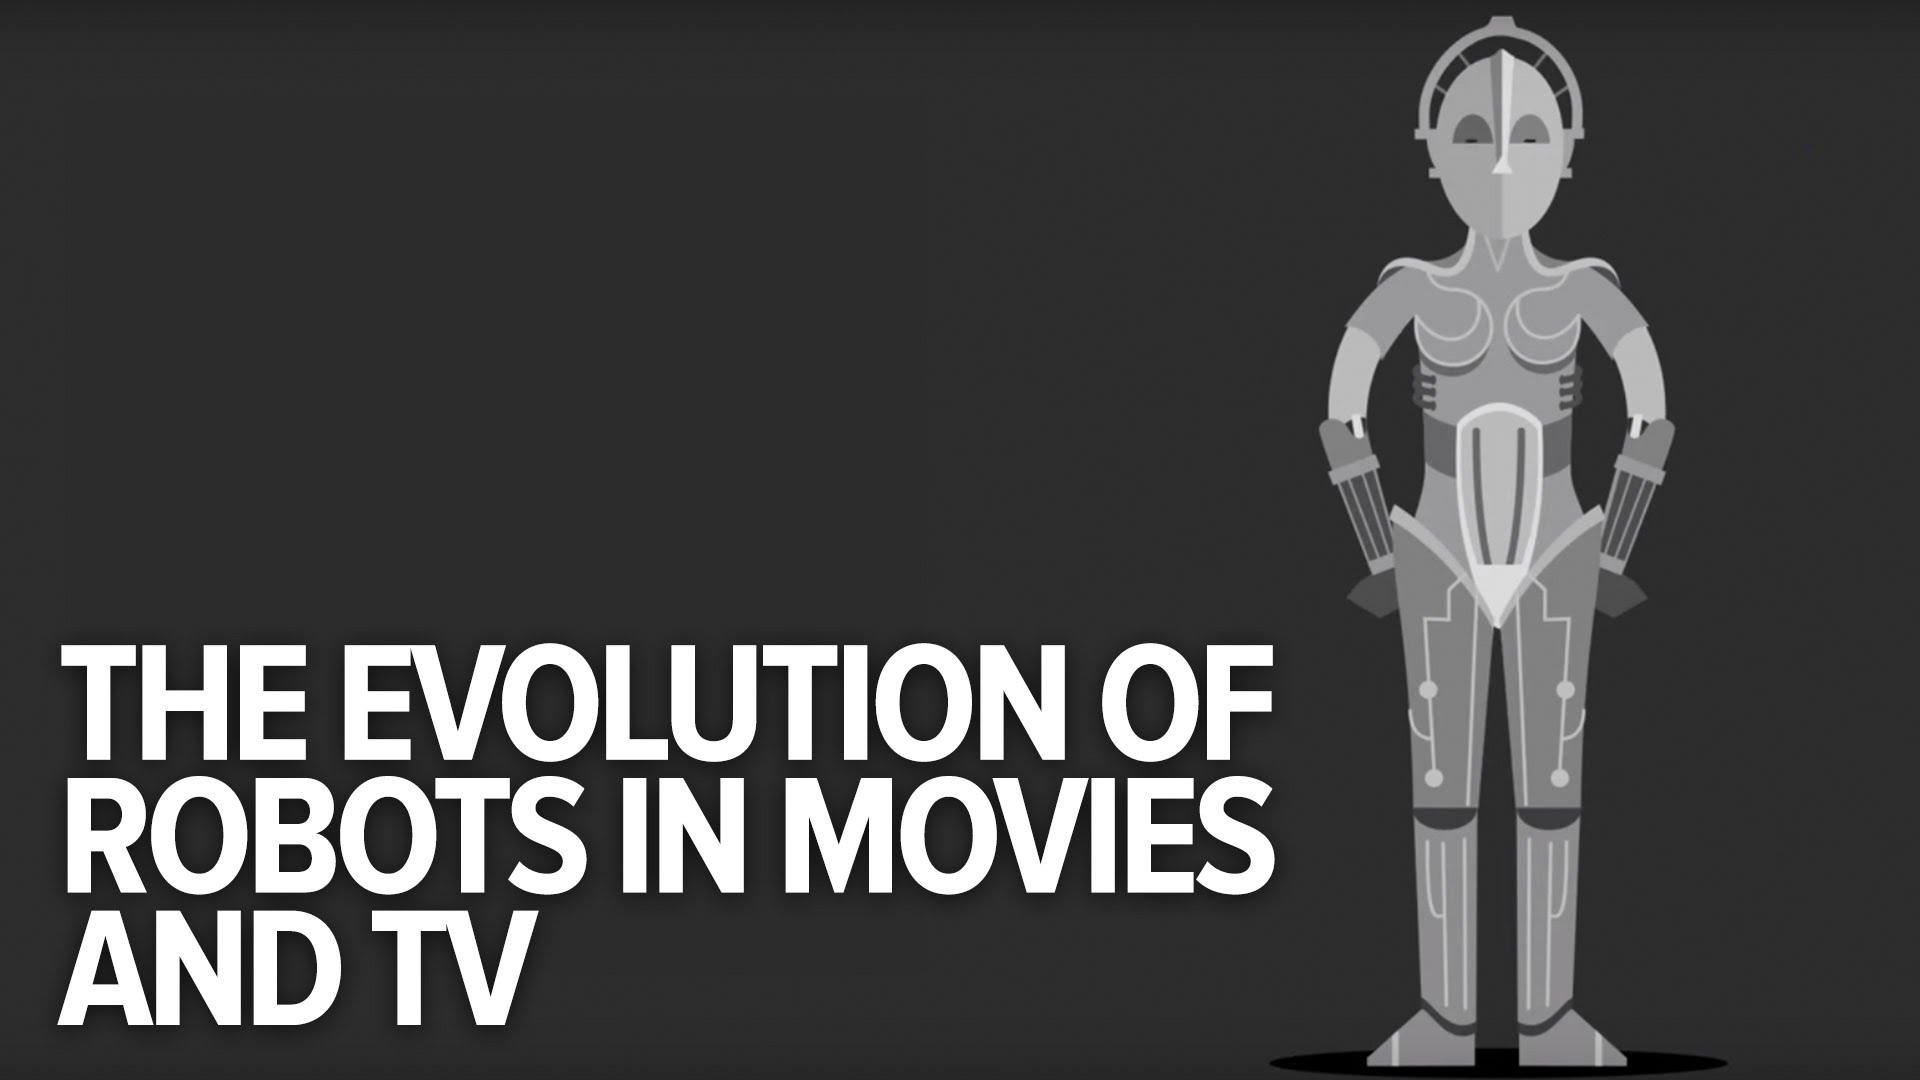 Die Evolution synthetischer Lebensformen in Film und Fernsehen